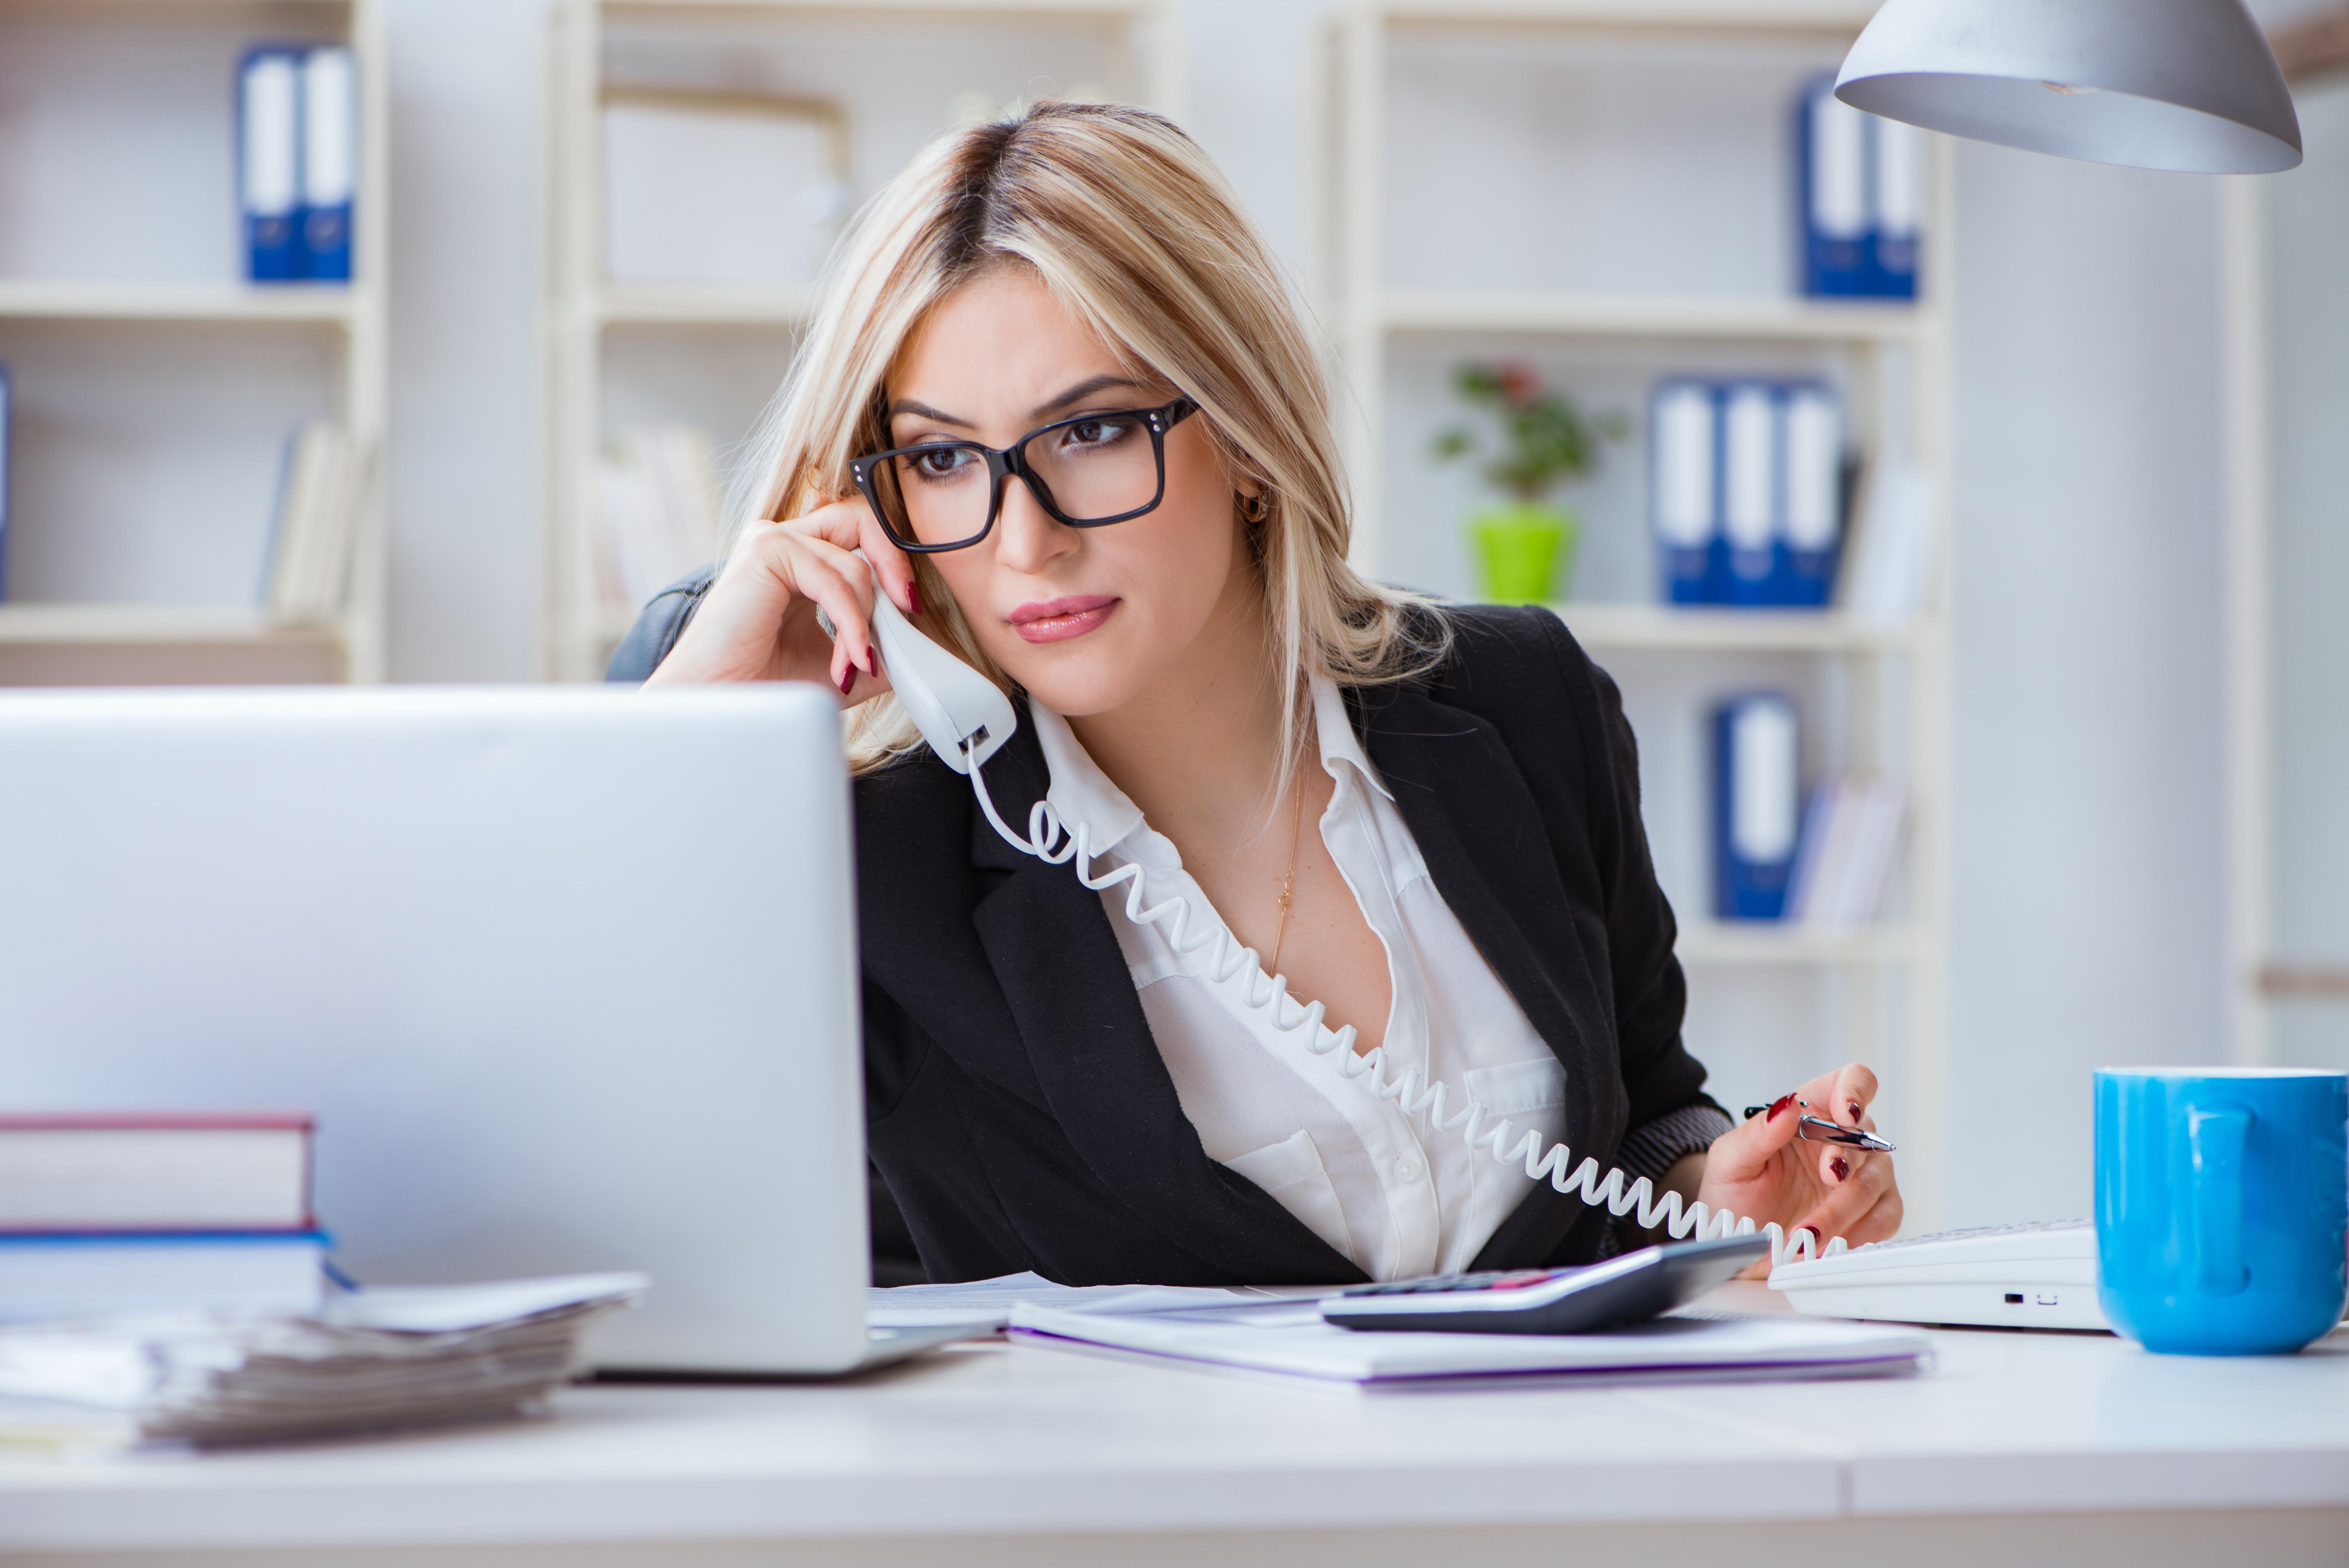 Ponuda za poslovne korisnike Elta – Kabel usluga